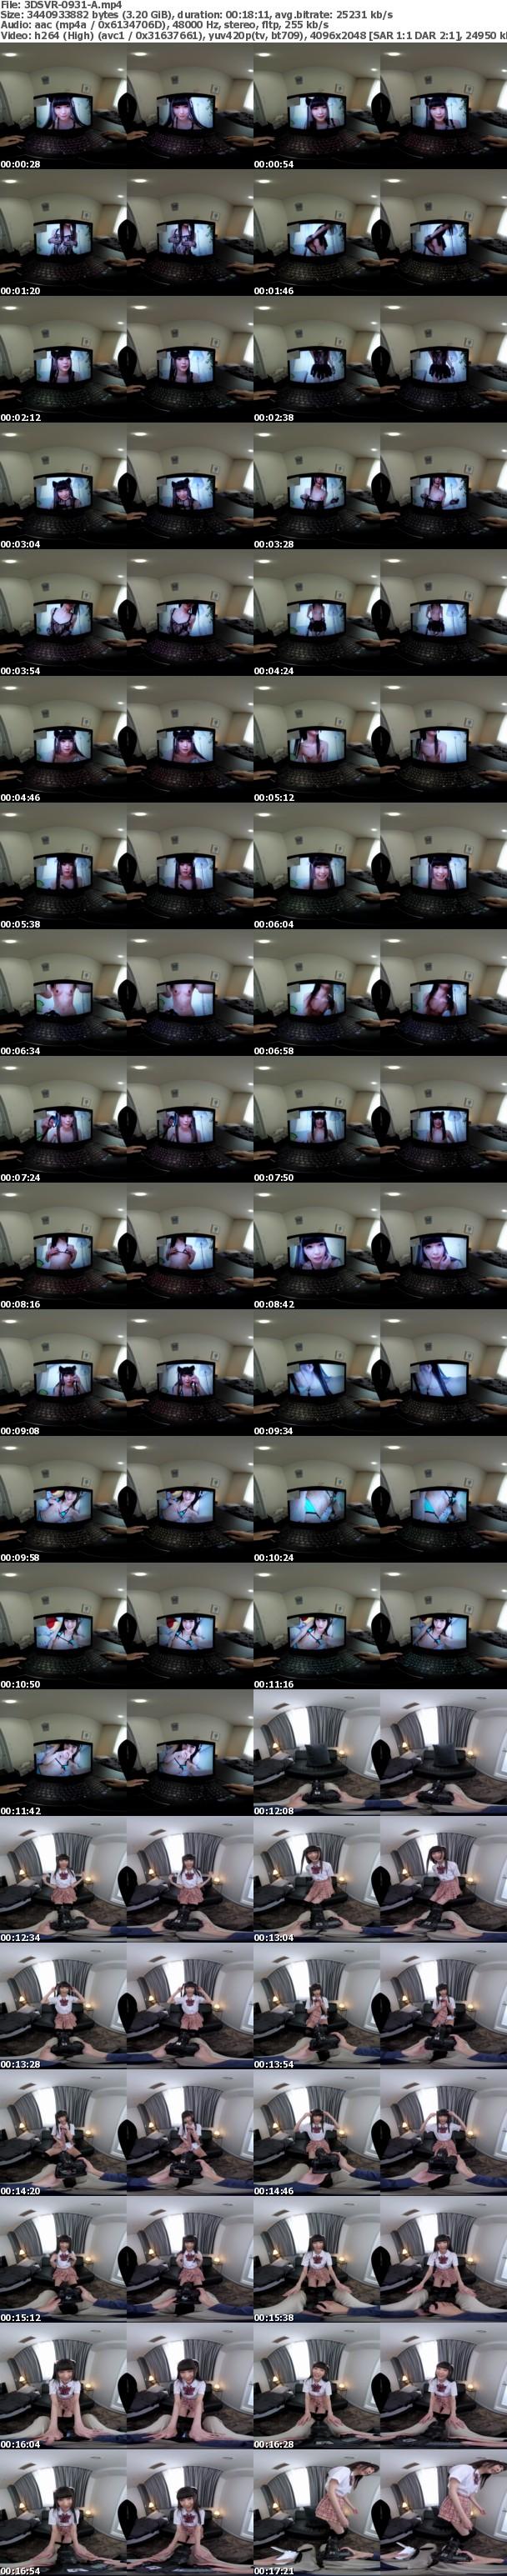 (VR) 3DSVR-0931 エロ垢フォロワー7万人の大人気裏垢女子 個人撮影会でアへ顔ダブルピース変態コスプレオフパコ 楠美める